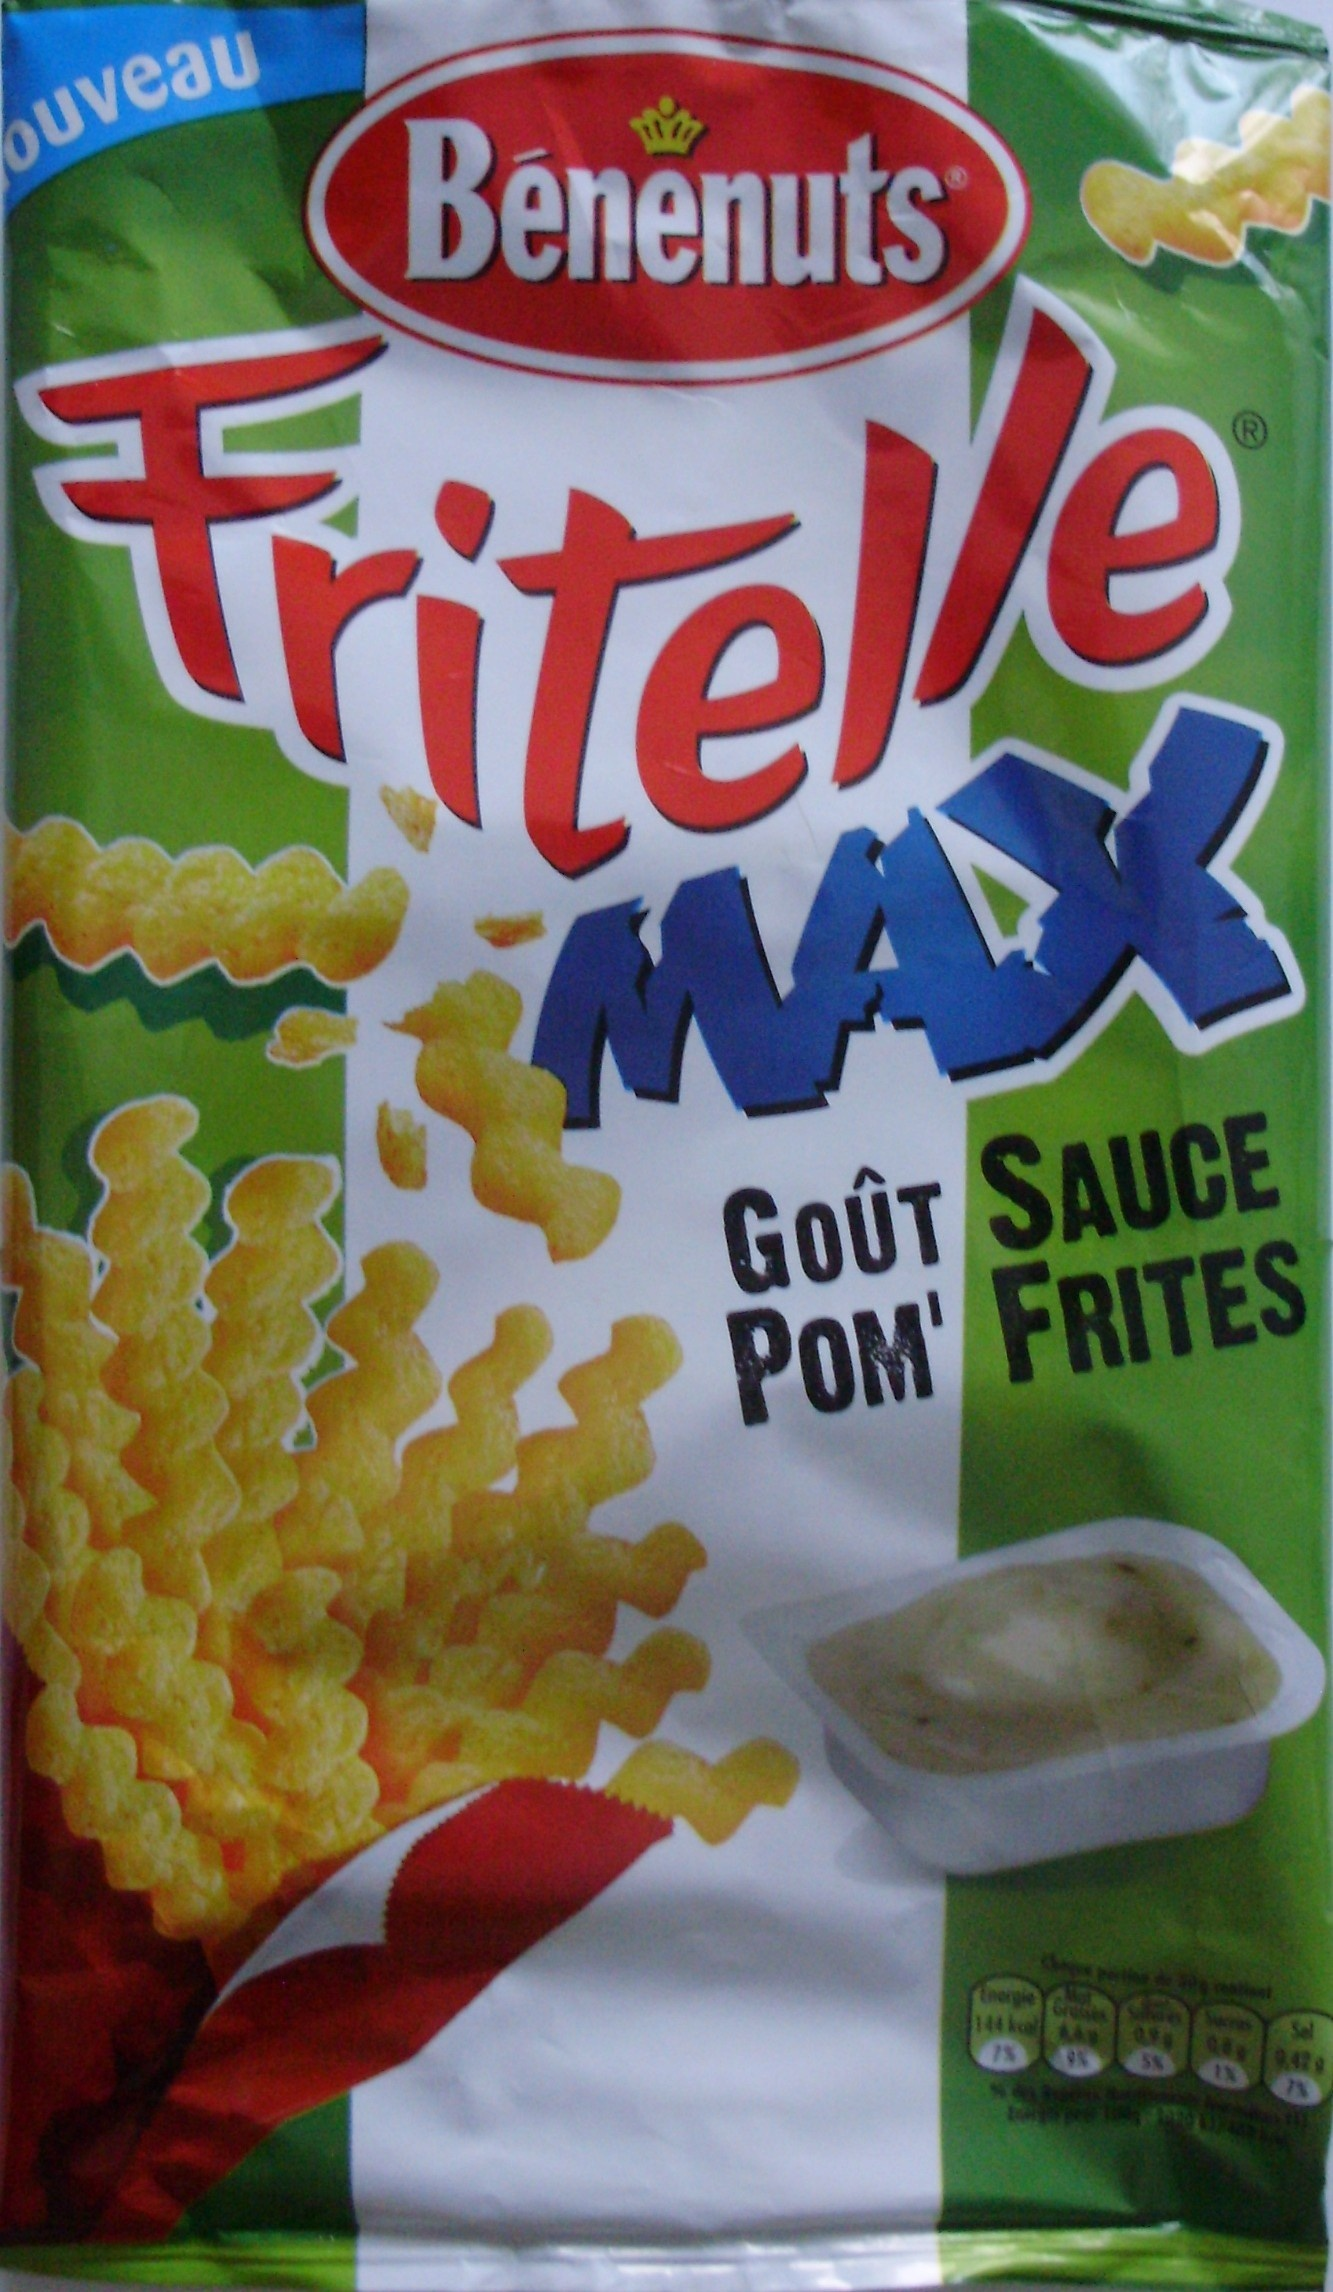 Fritelle Max, Goût Sauce Pom' Frites - Product - fr